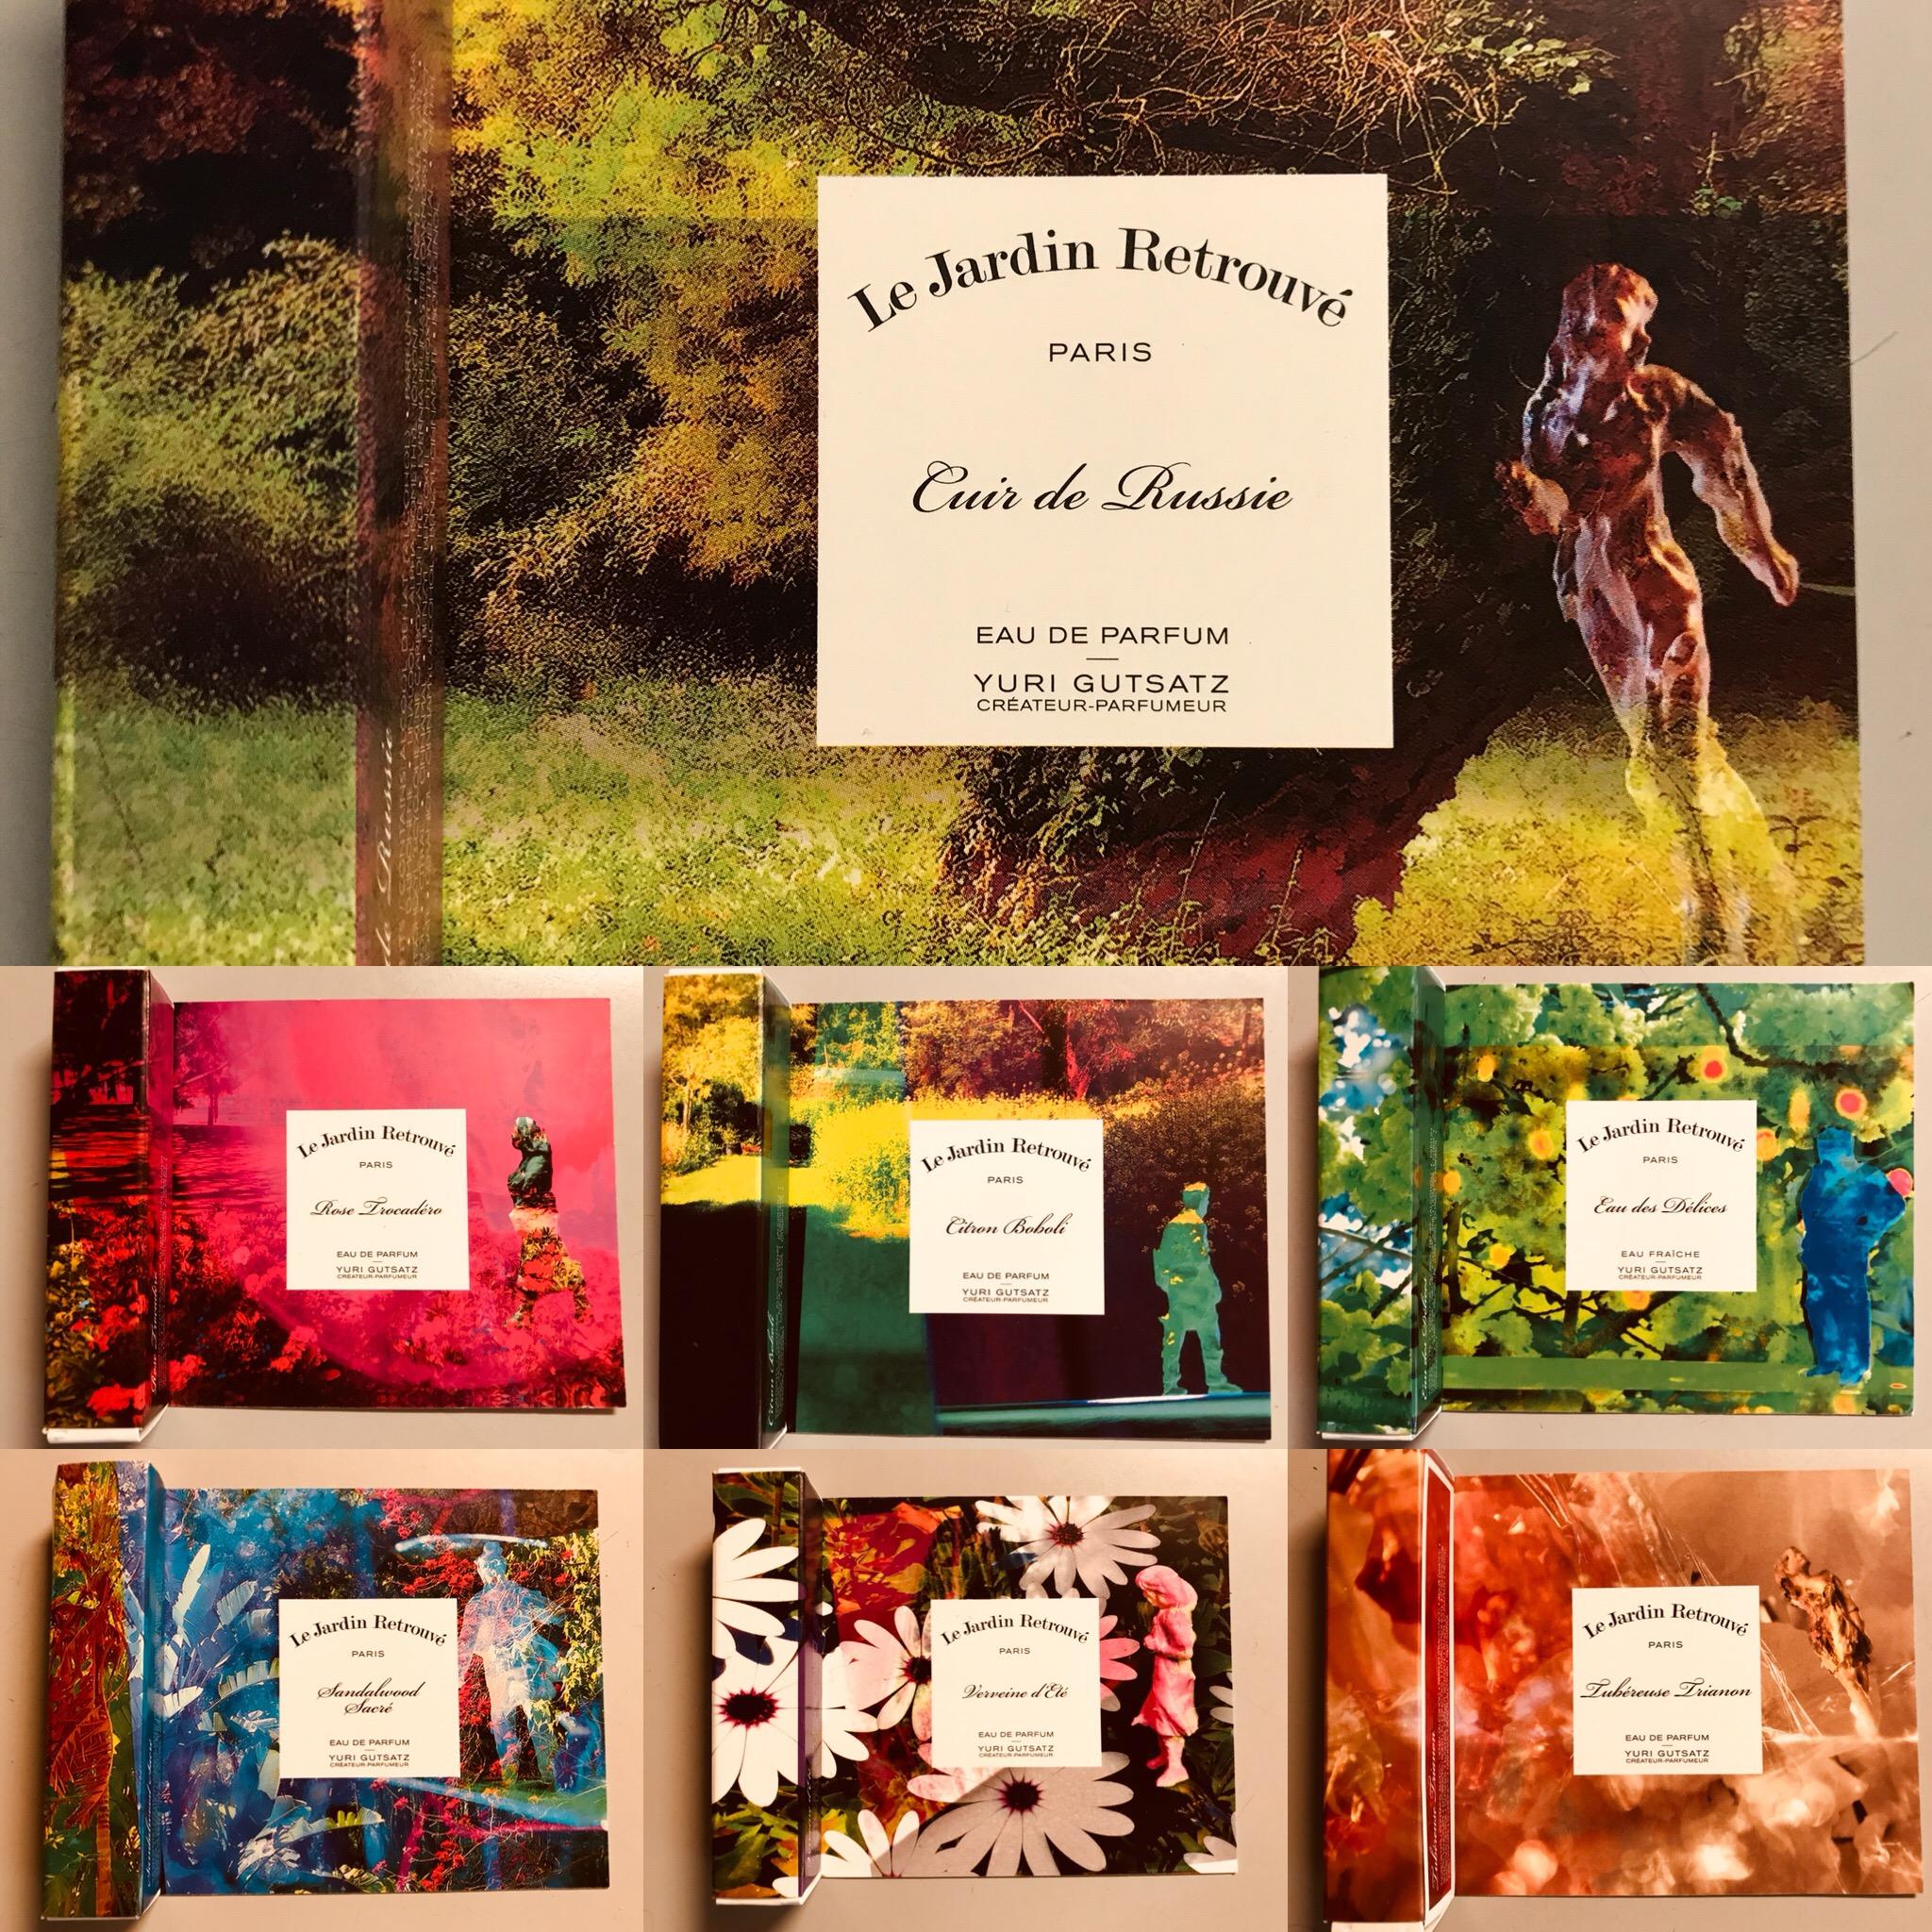 Le Jardin Retrouve Collection